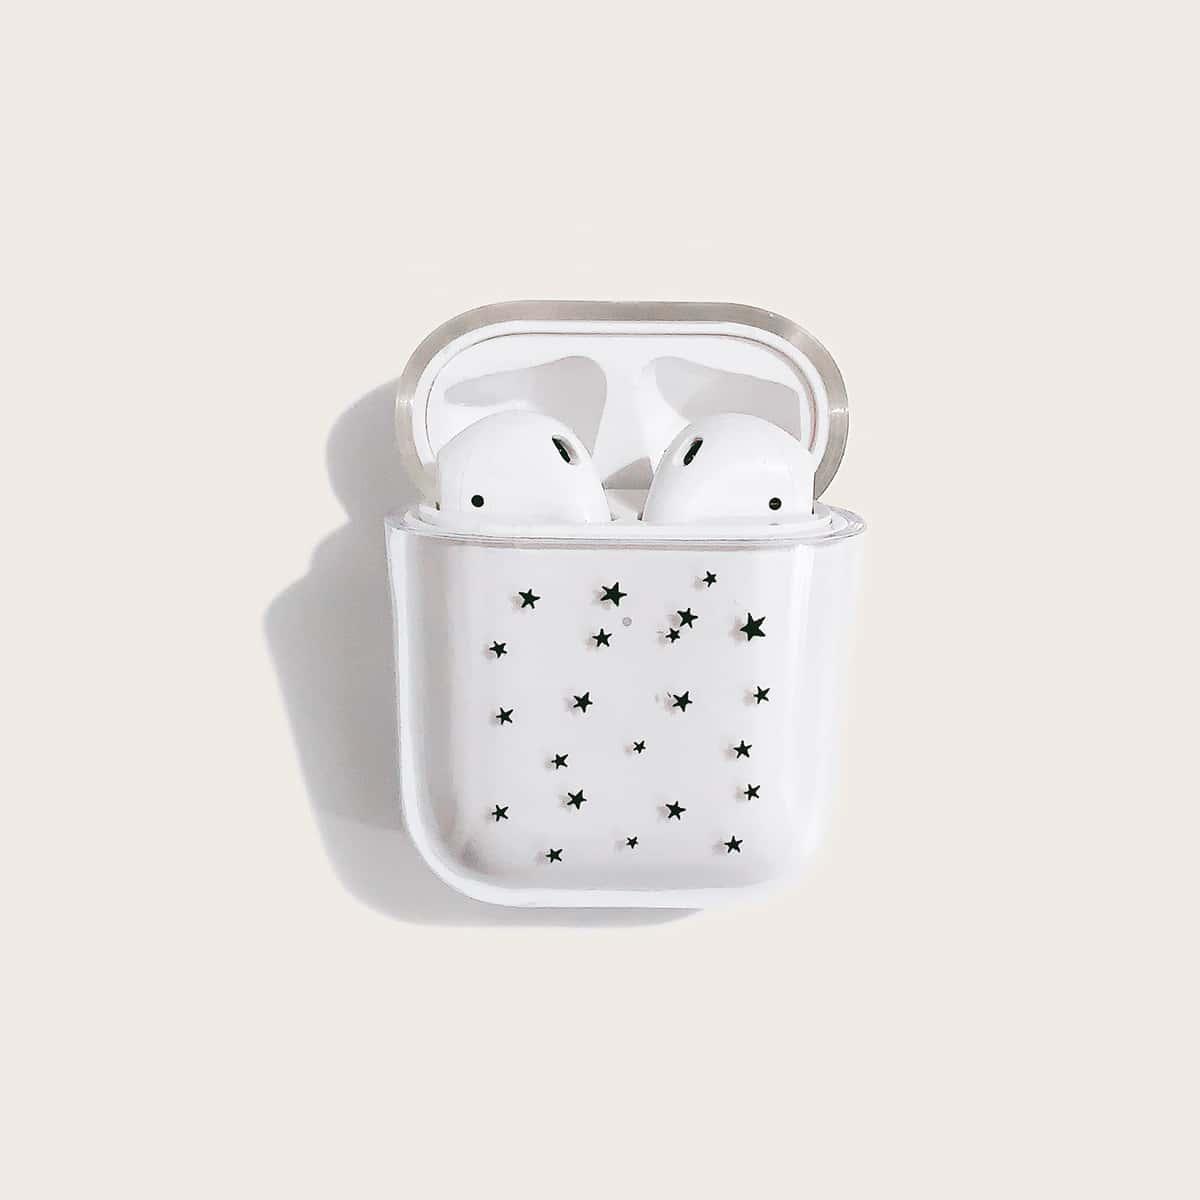 SHEIN / 1 Stück Transparente Airpods Hülle mit Stern Muster